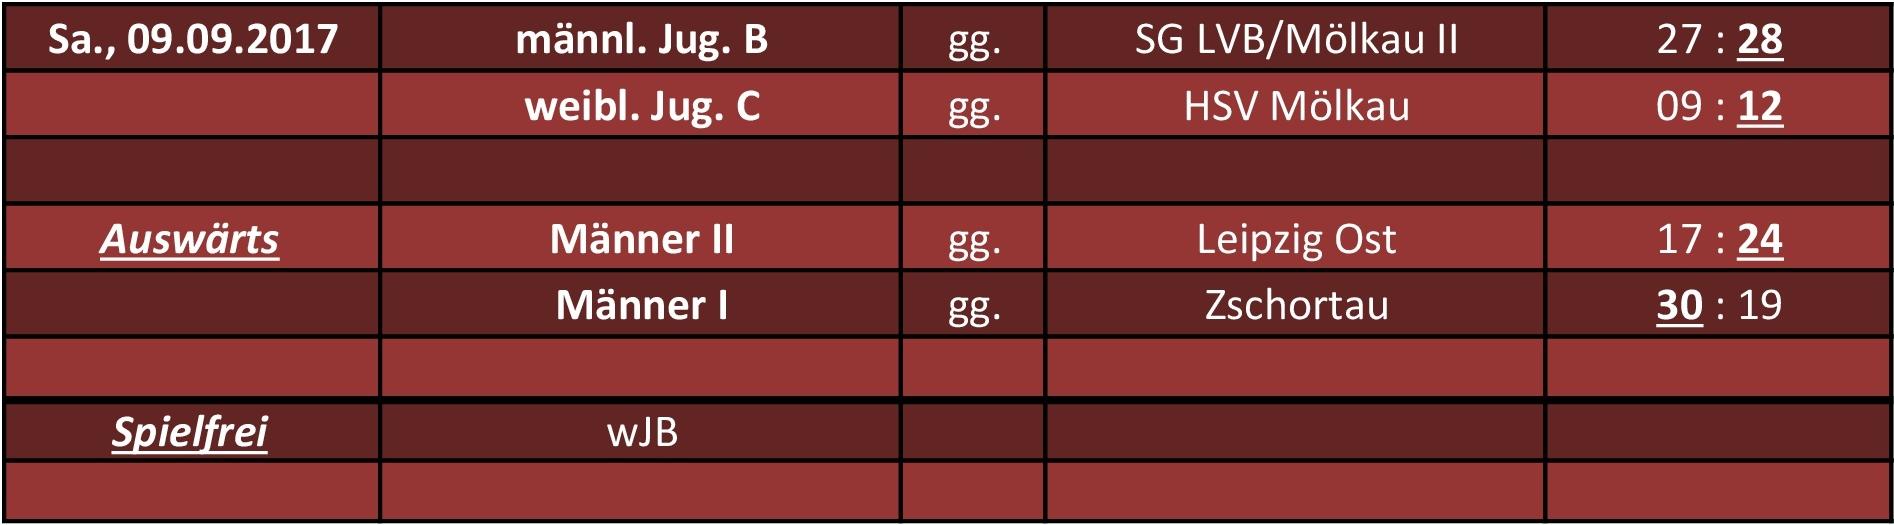 HP_Tabelle_Spiele_1